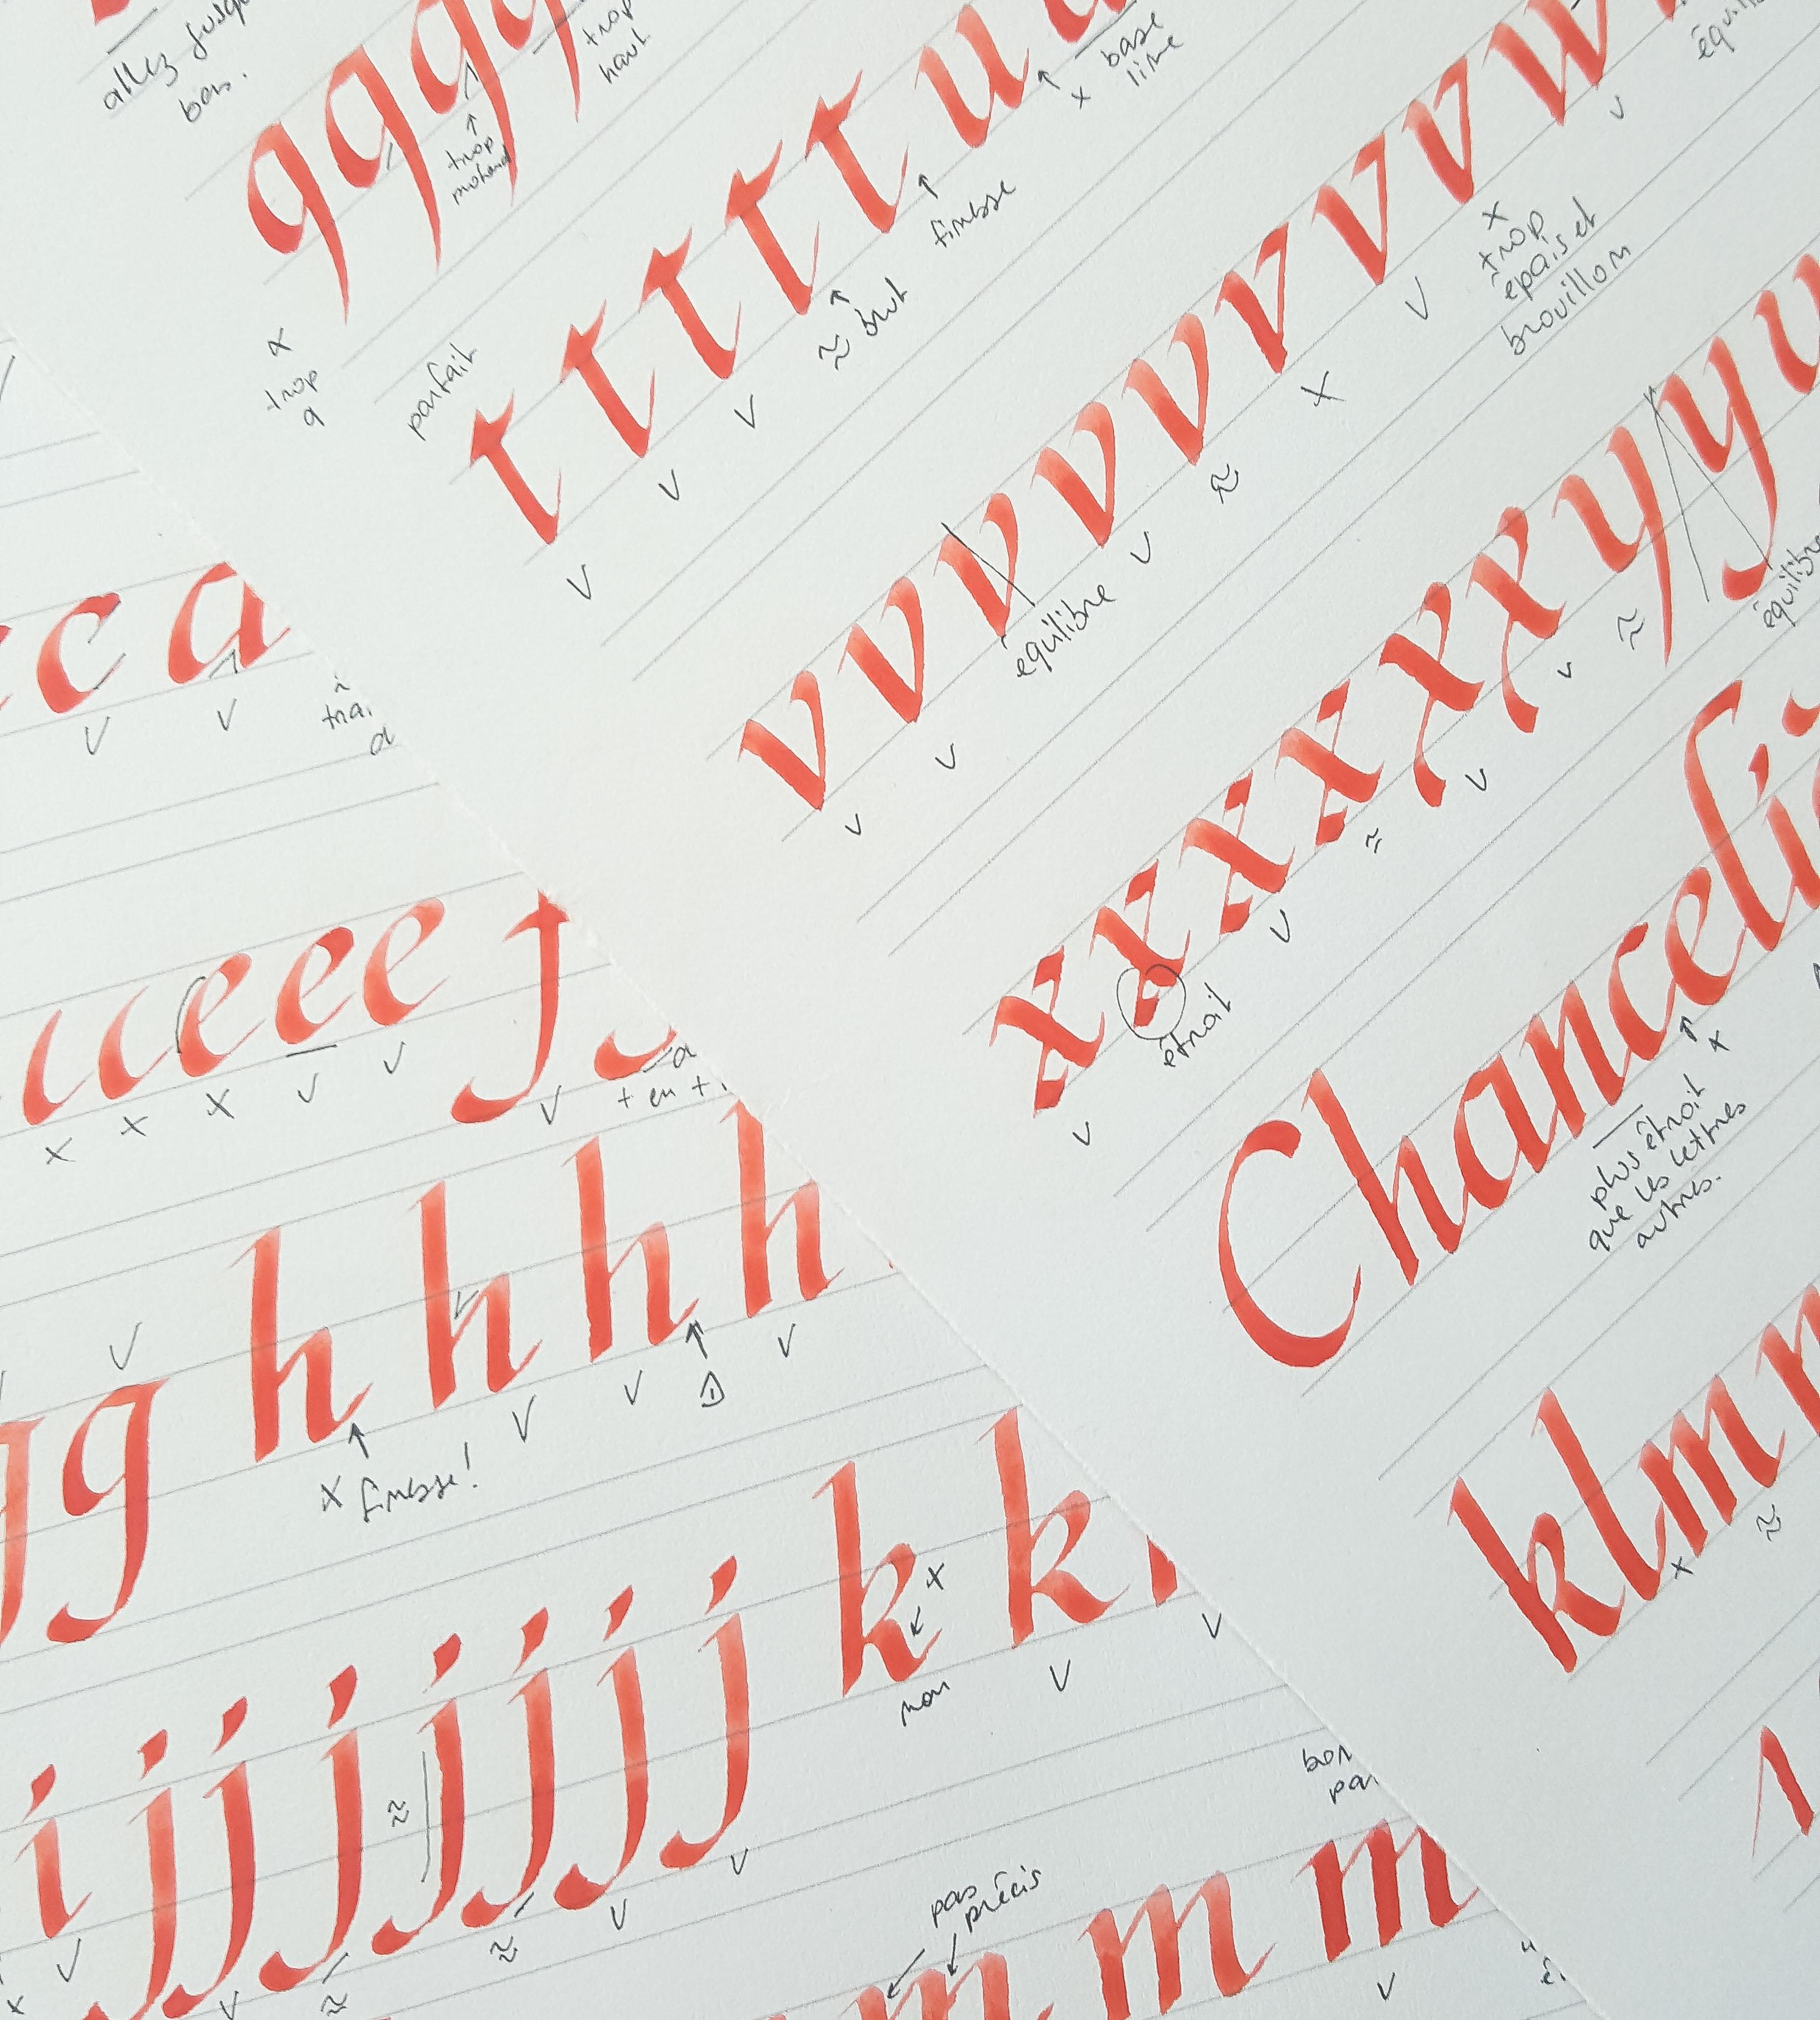 Apprendre la calligraphie : par où commencer ?